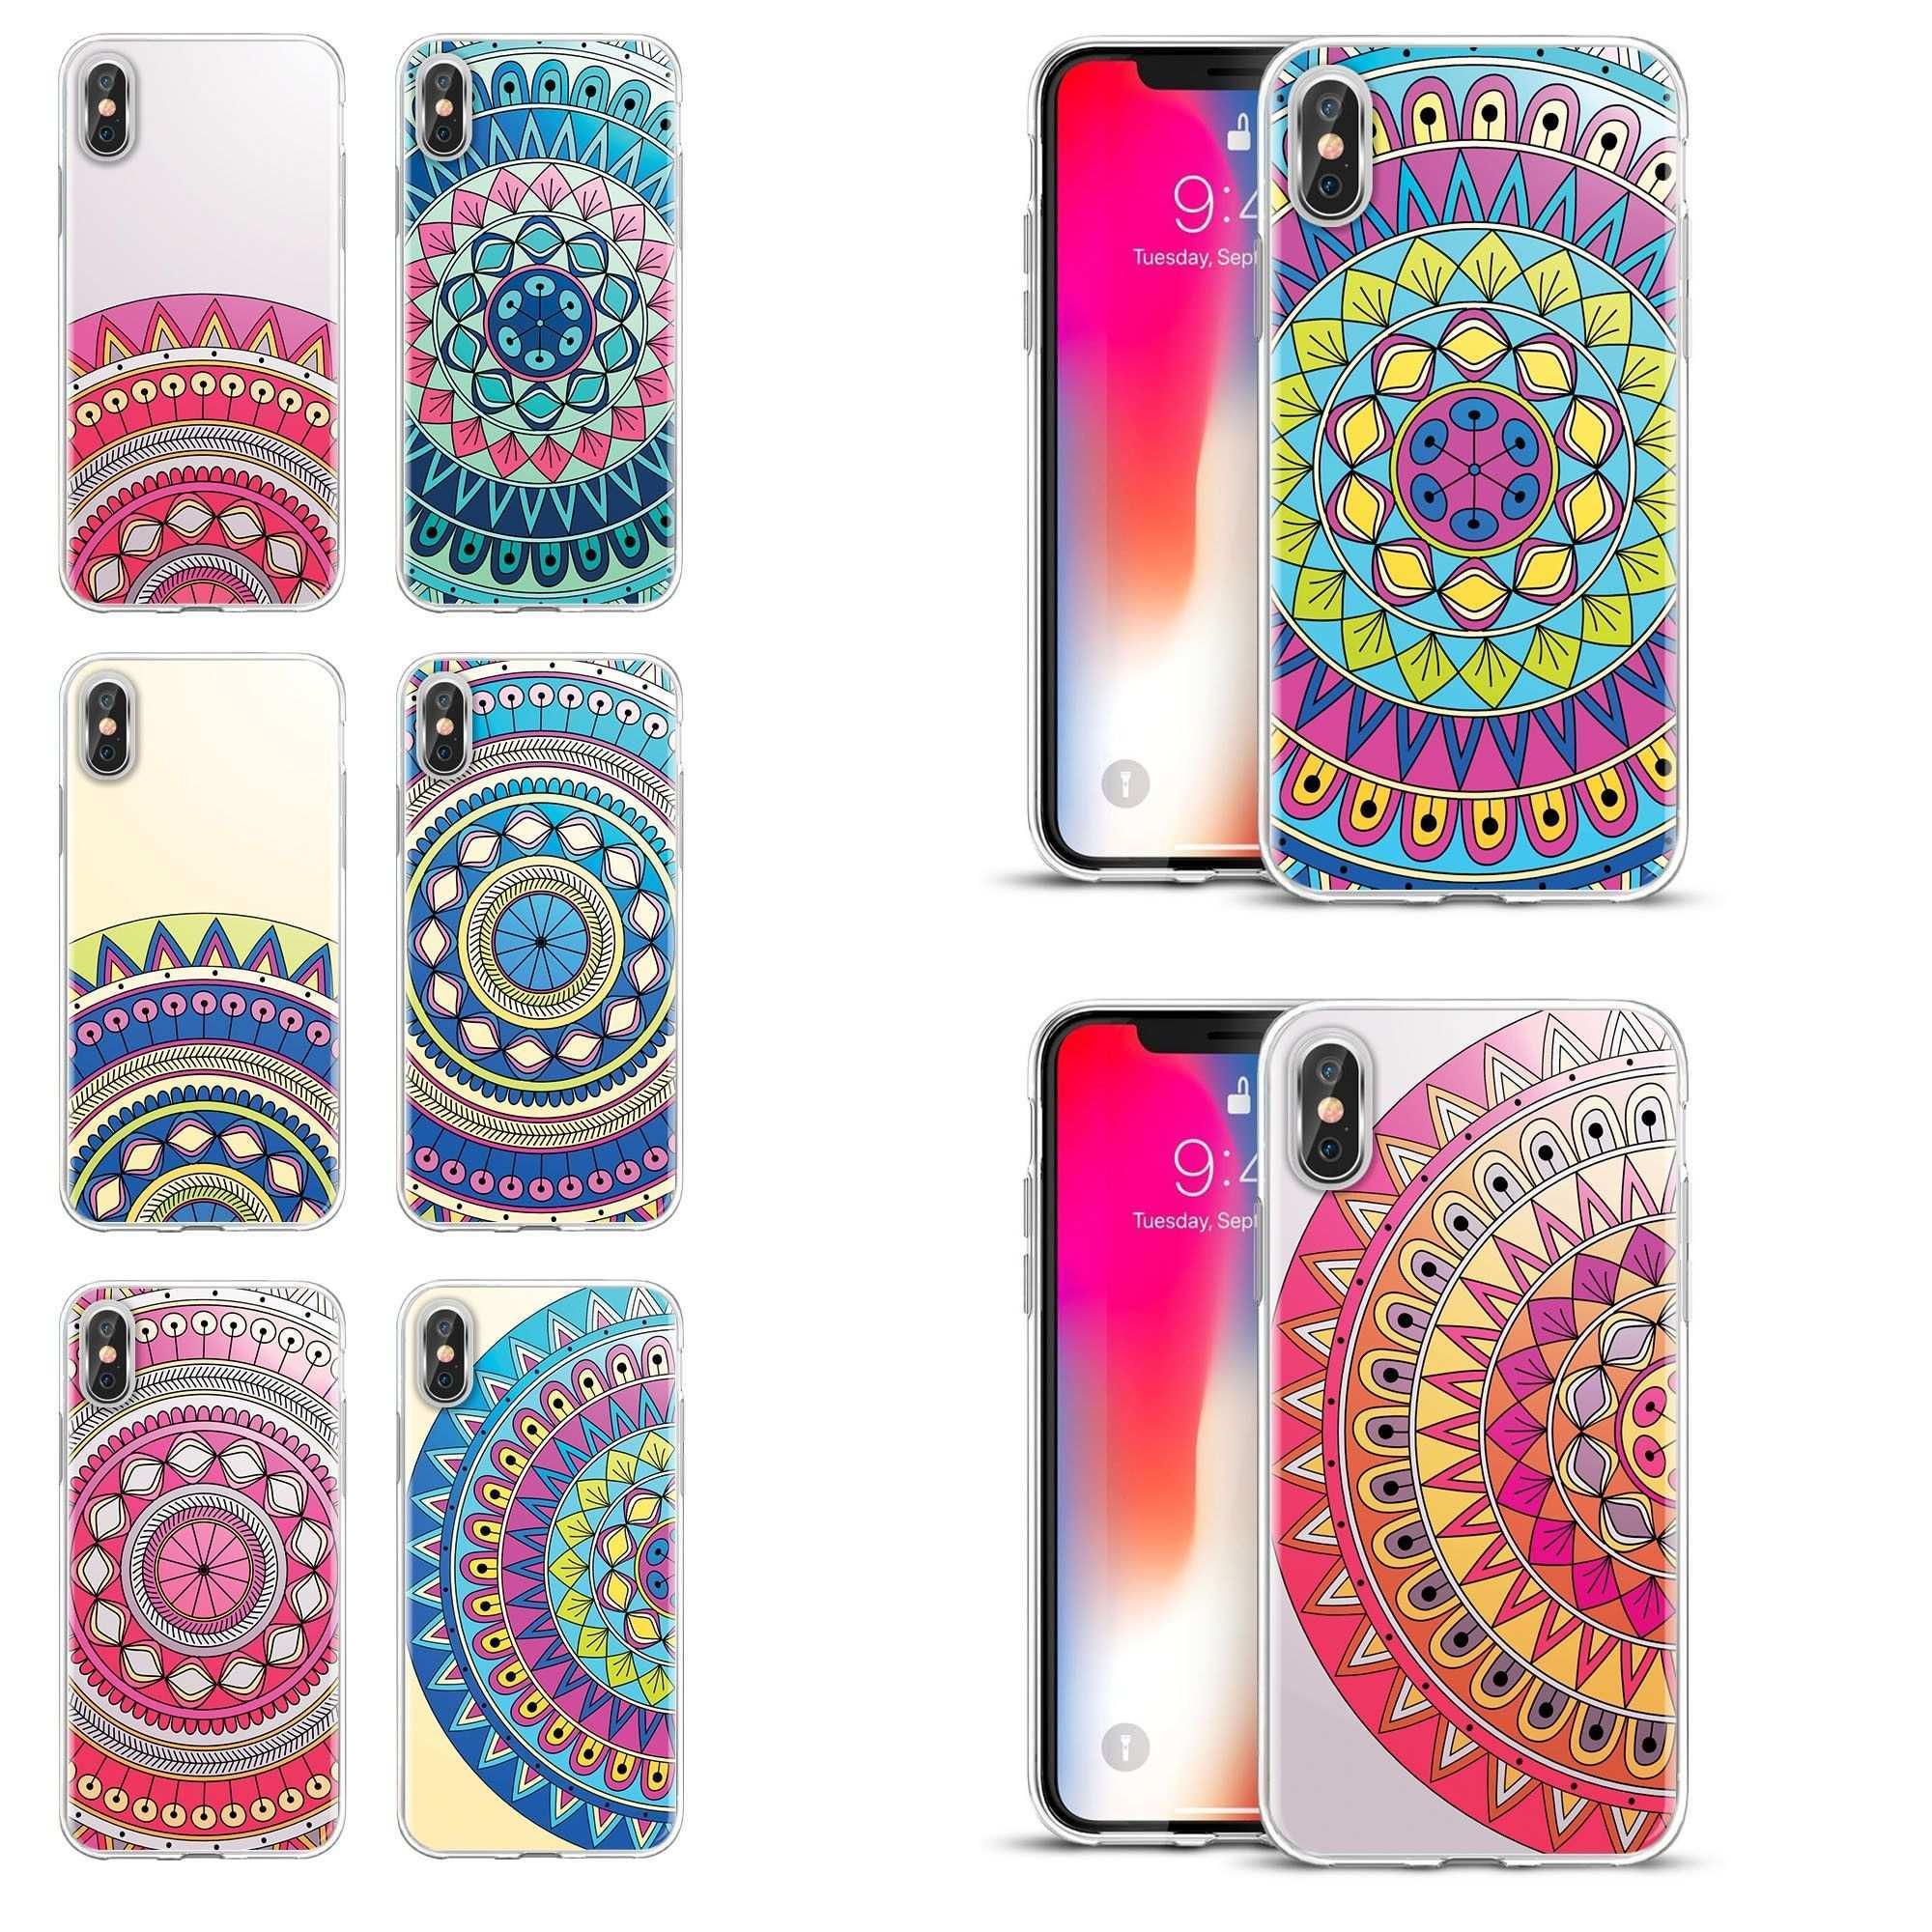 Eine Passende Handyhulle Zu Finden Ist Nicht Leicht Ob Bunt Suss Frech Romantisch Aufregend Abstrakt Cool Oder Nur Als Apple Iphone Mandala Design Iphone